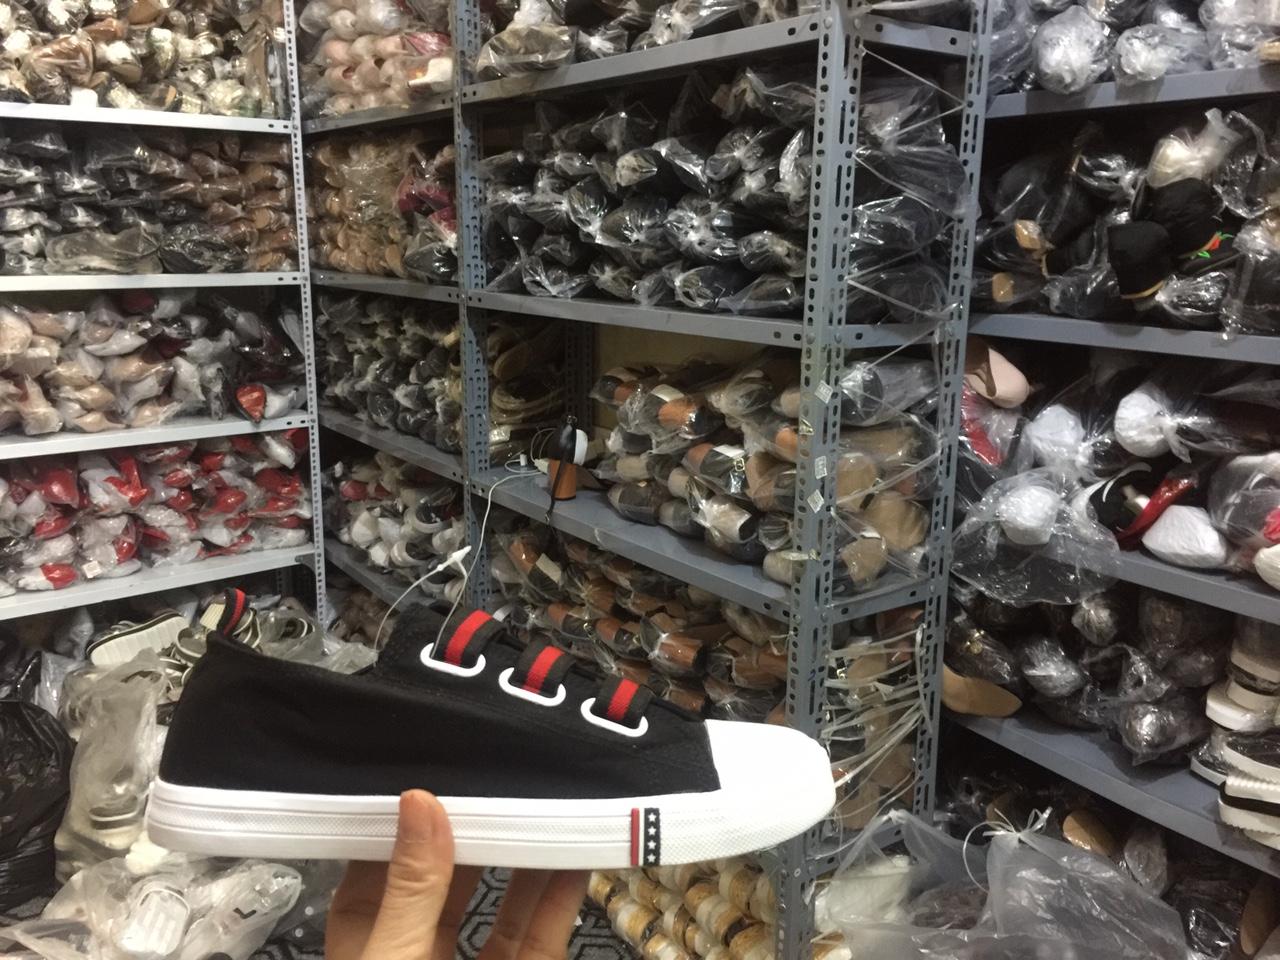 Kinh doanh giày dép online - xưởng sỉ giày dép Hùng Phát